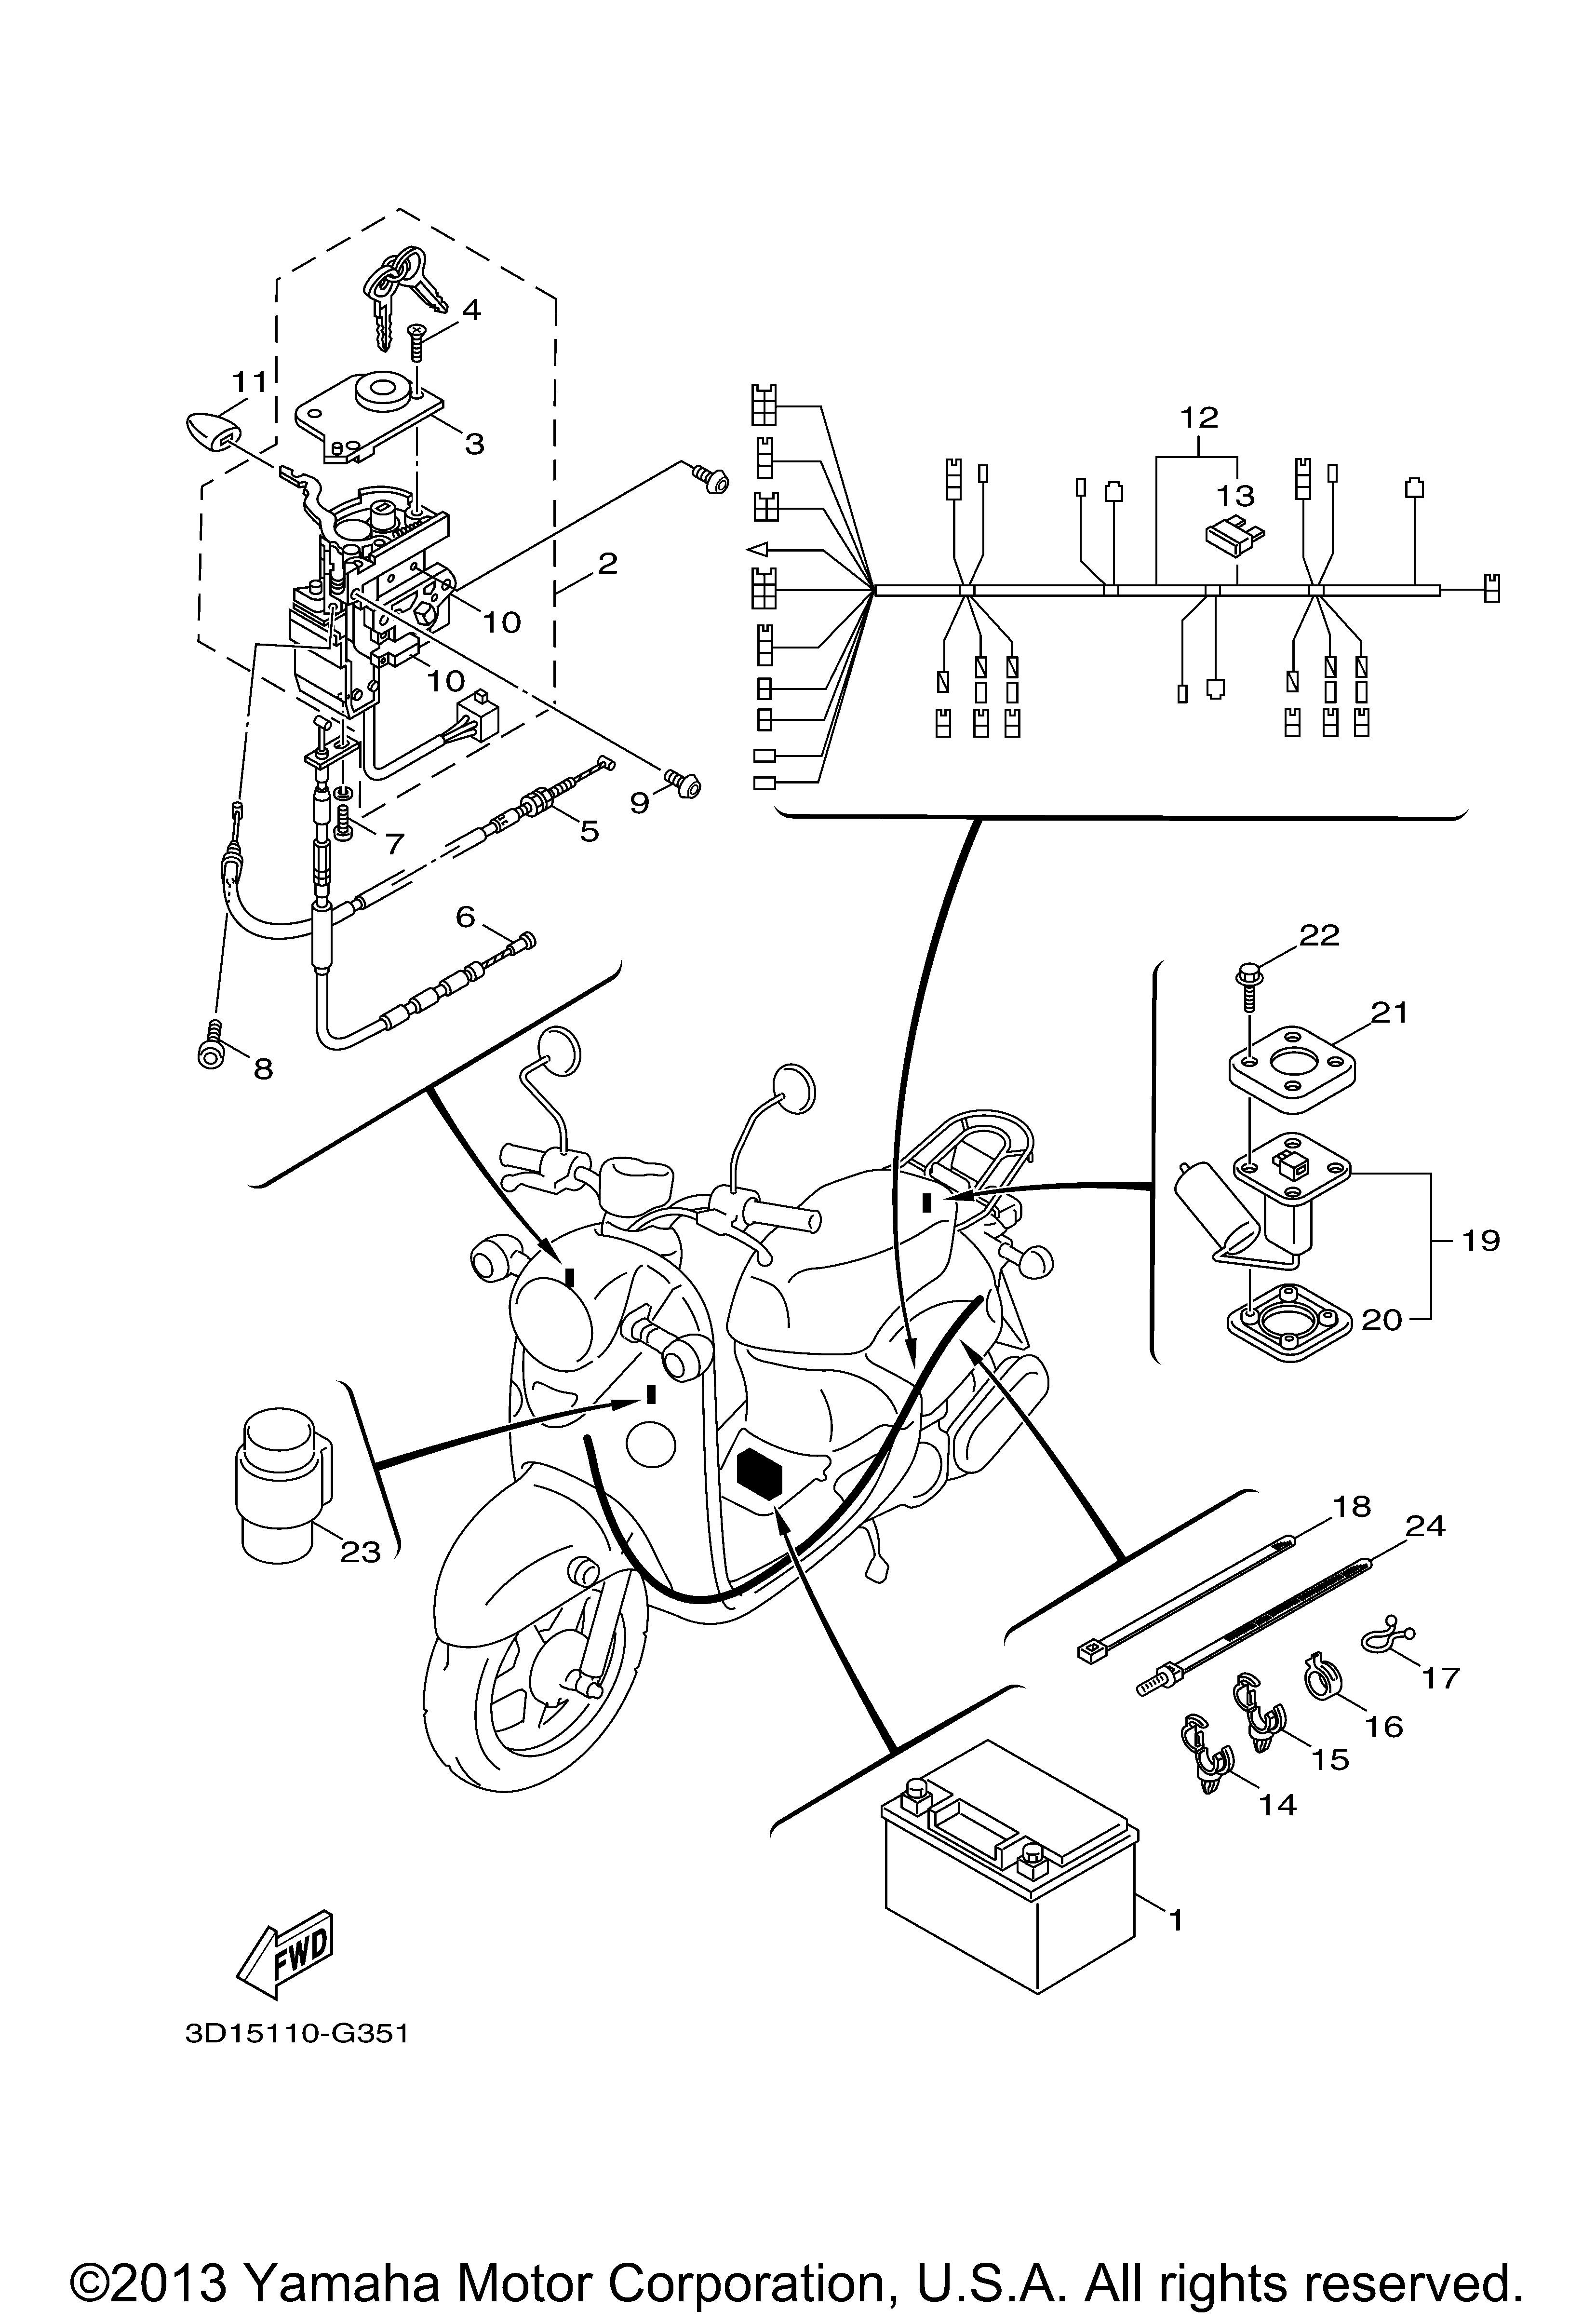 Yamaha OEM Part 5ST-H2370-01-00